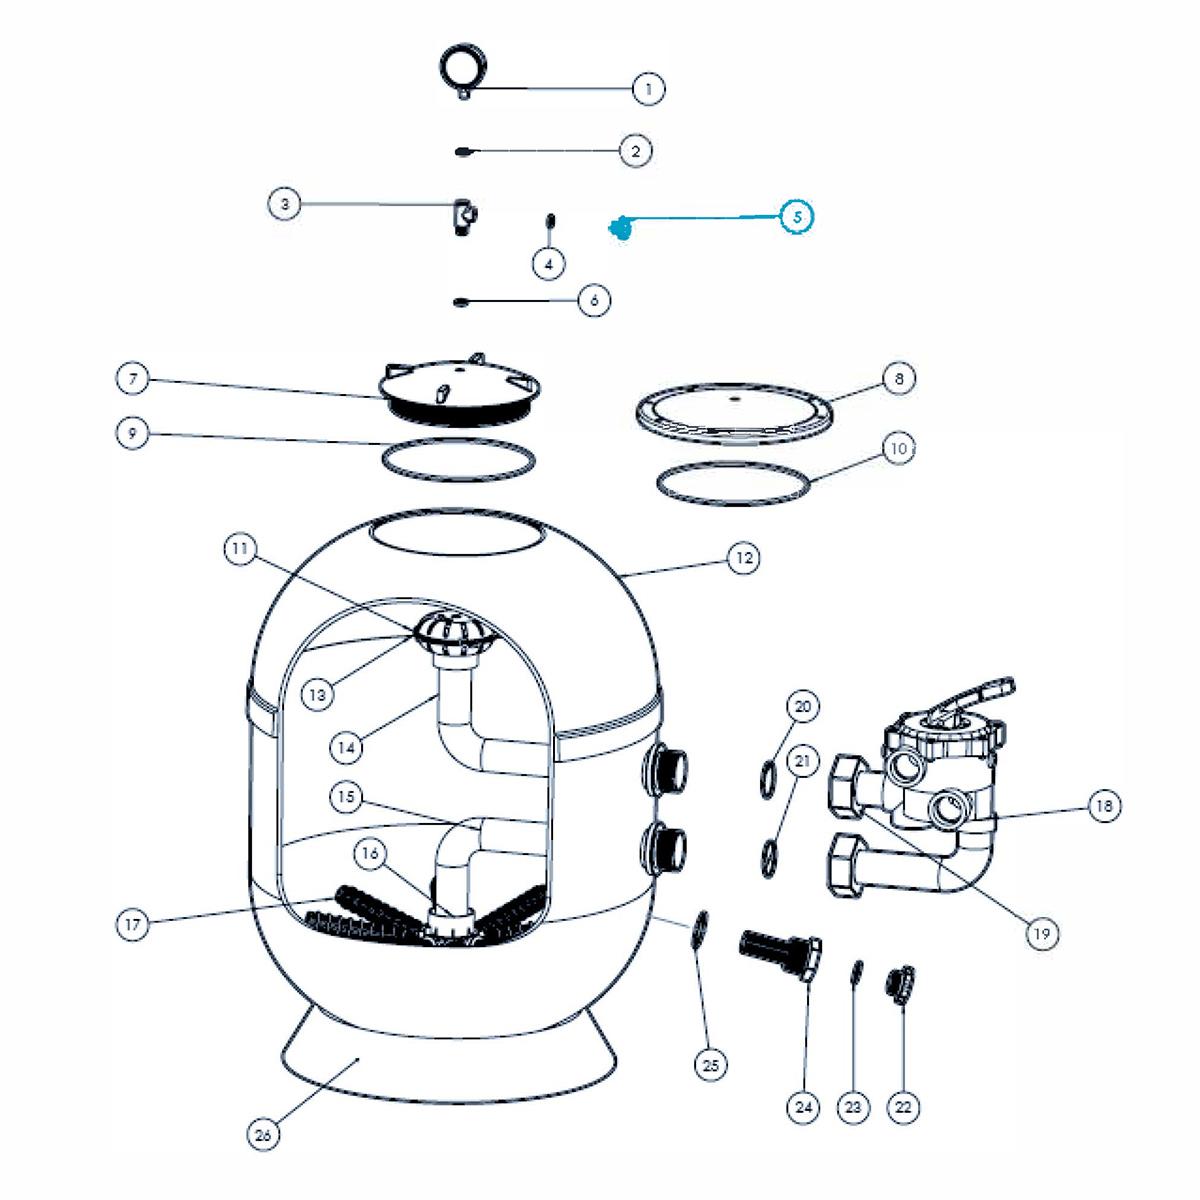 Entlüftungsschraube mit Flachdichtung für VIENNA II Filter Entlüftungsschraube mit Flachdichtung für VIENNA II Filter